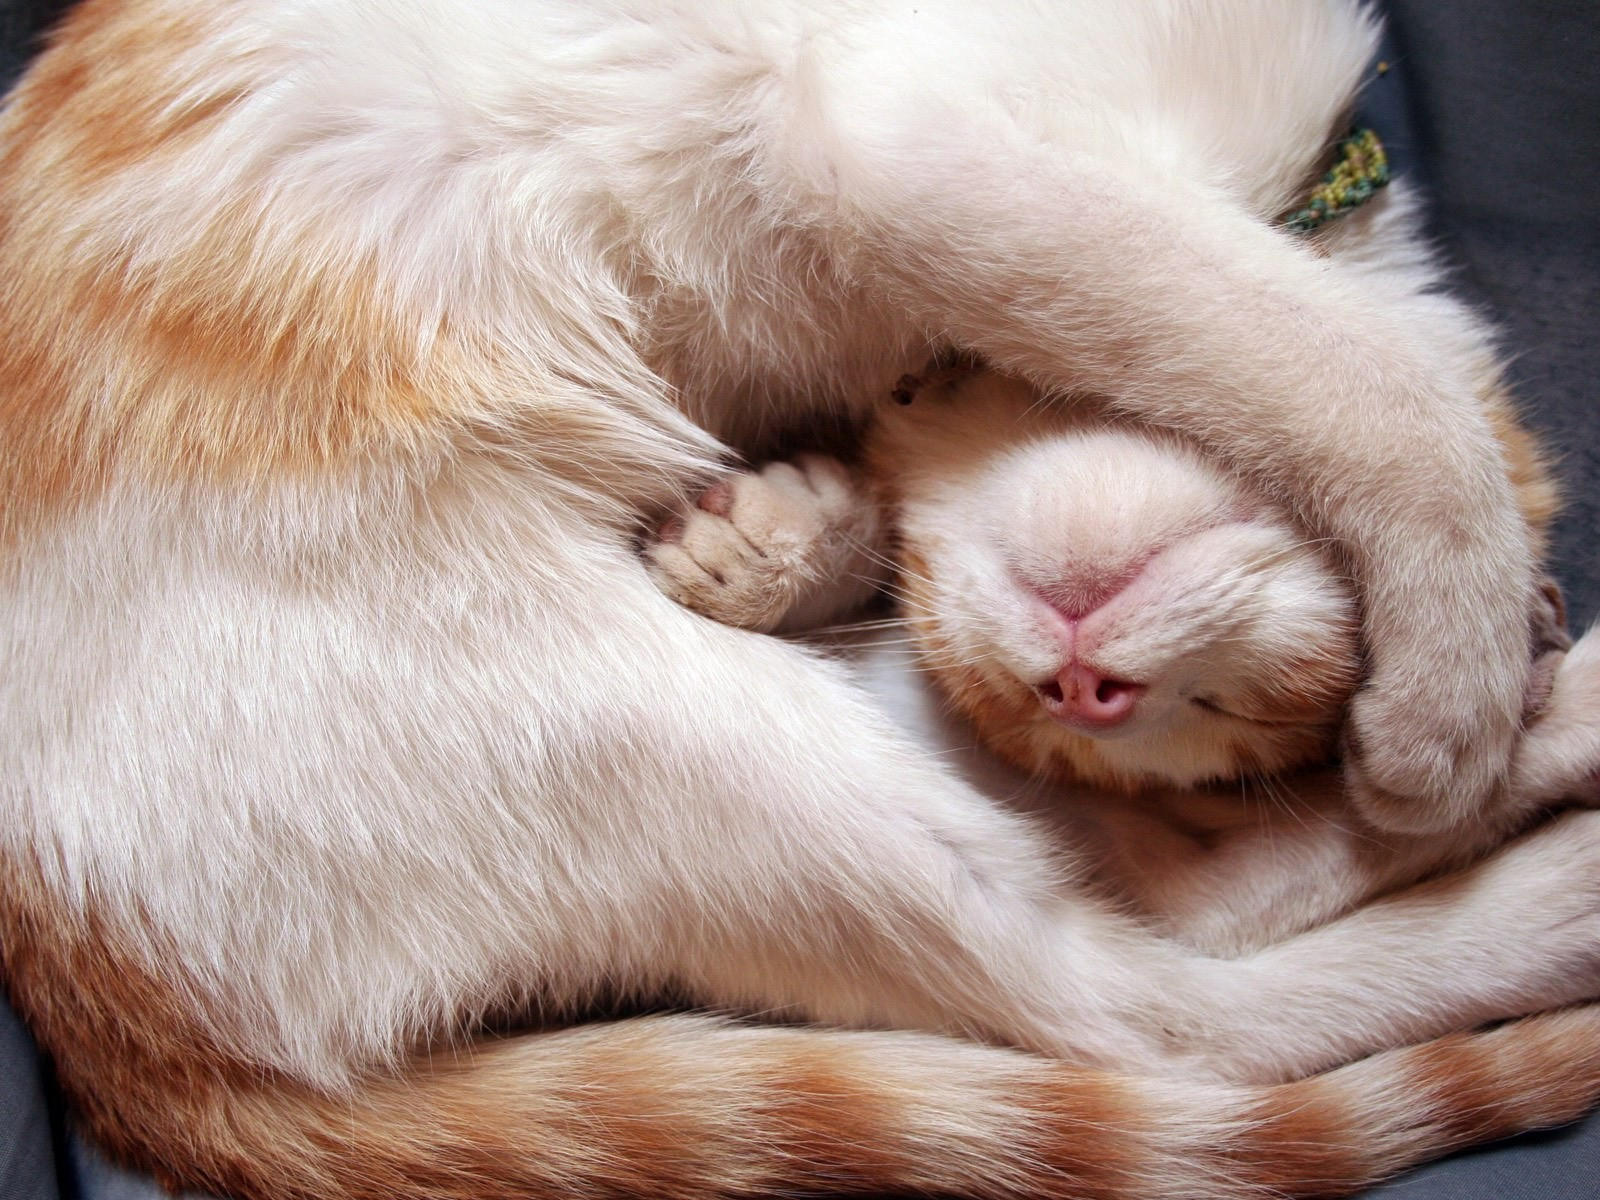 Сладкий сон кота